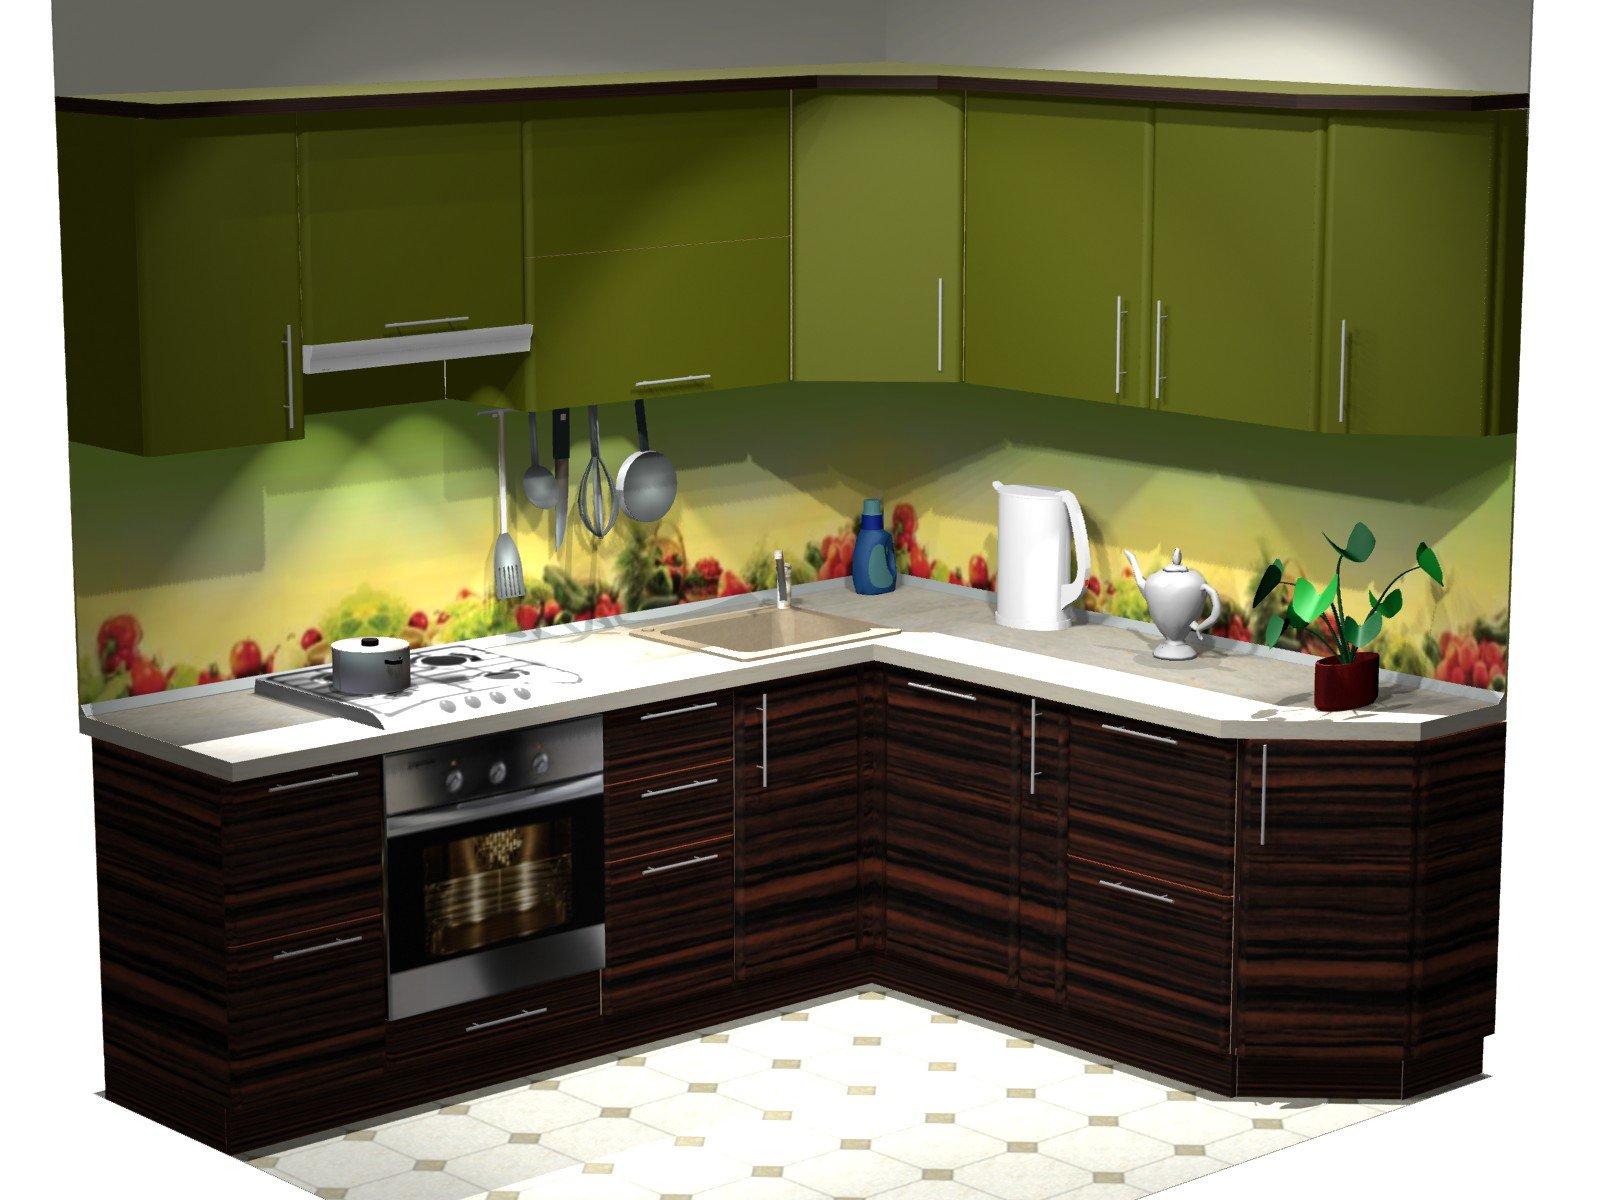 картинки модели кухонных гарнитуров фото может быть отличным